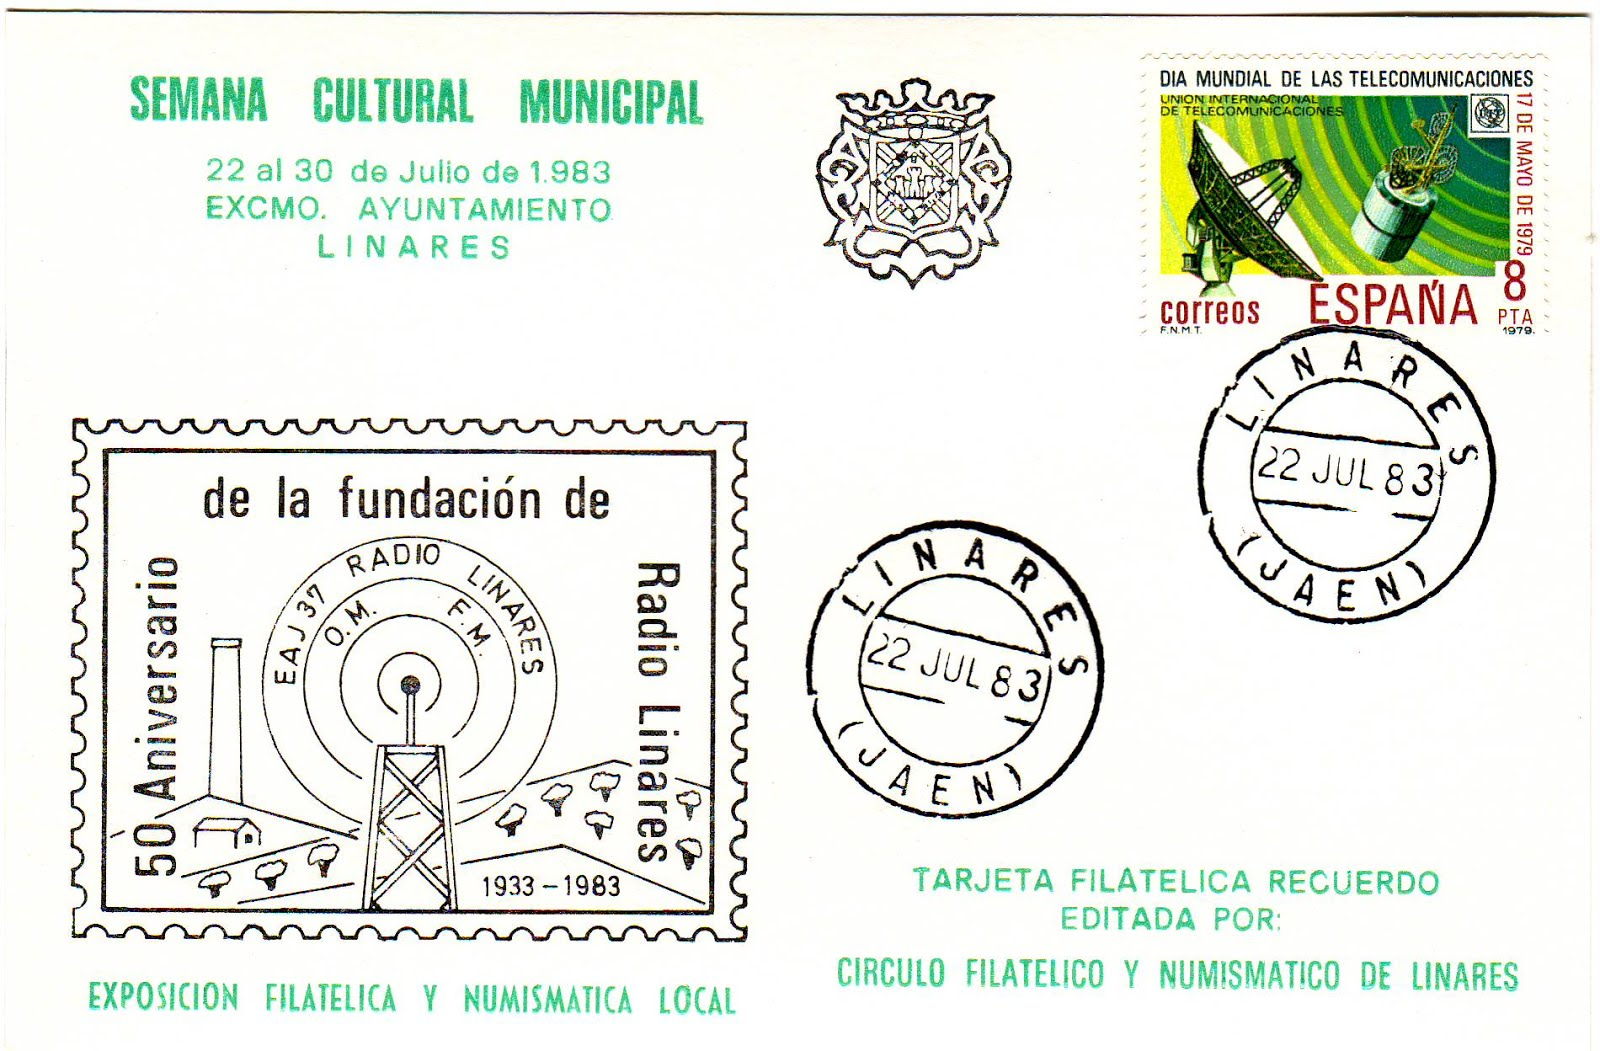 LA FILATELIA EN LA EMISORA EAJ37, RADIO LINARES, DE LA CADENA S.E.R.